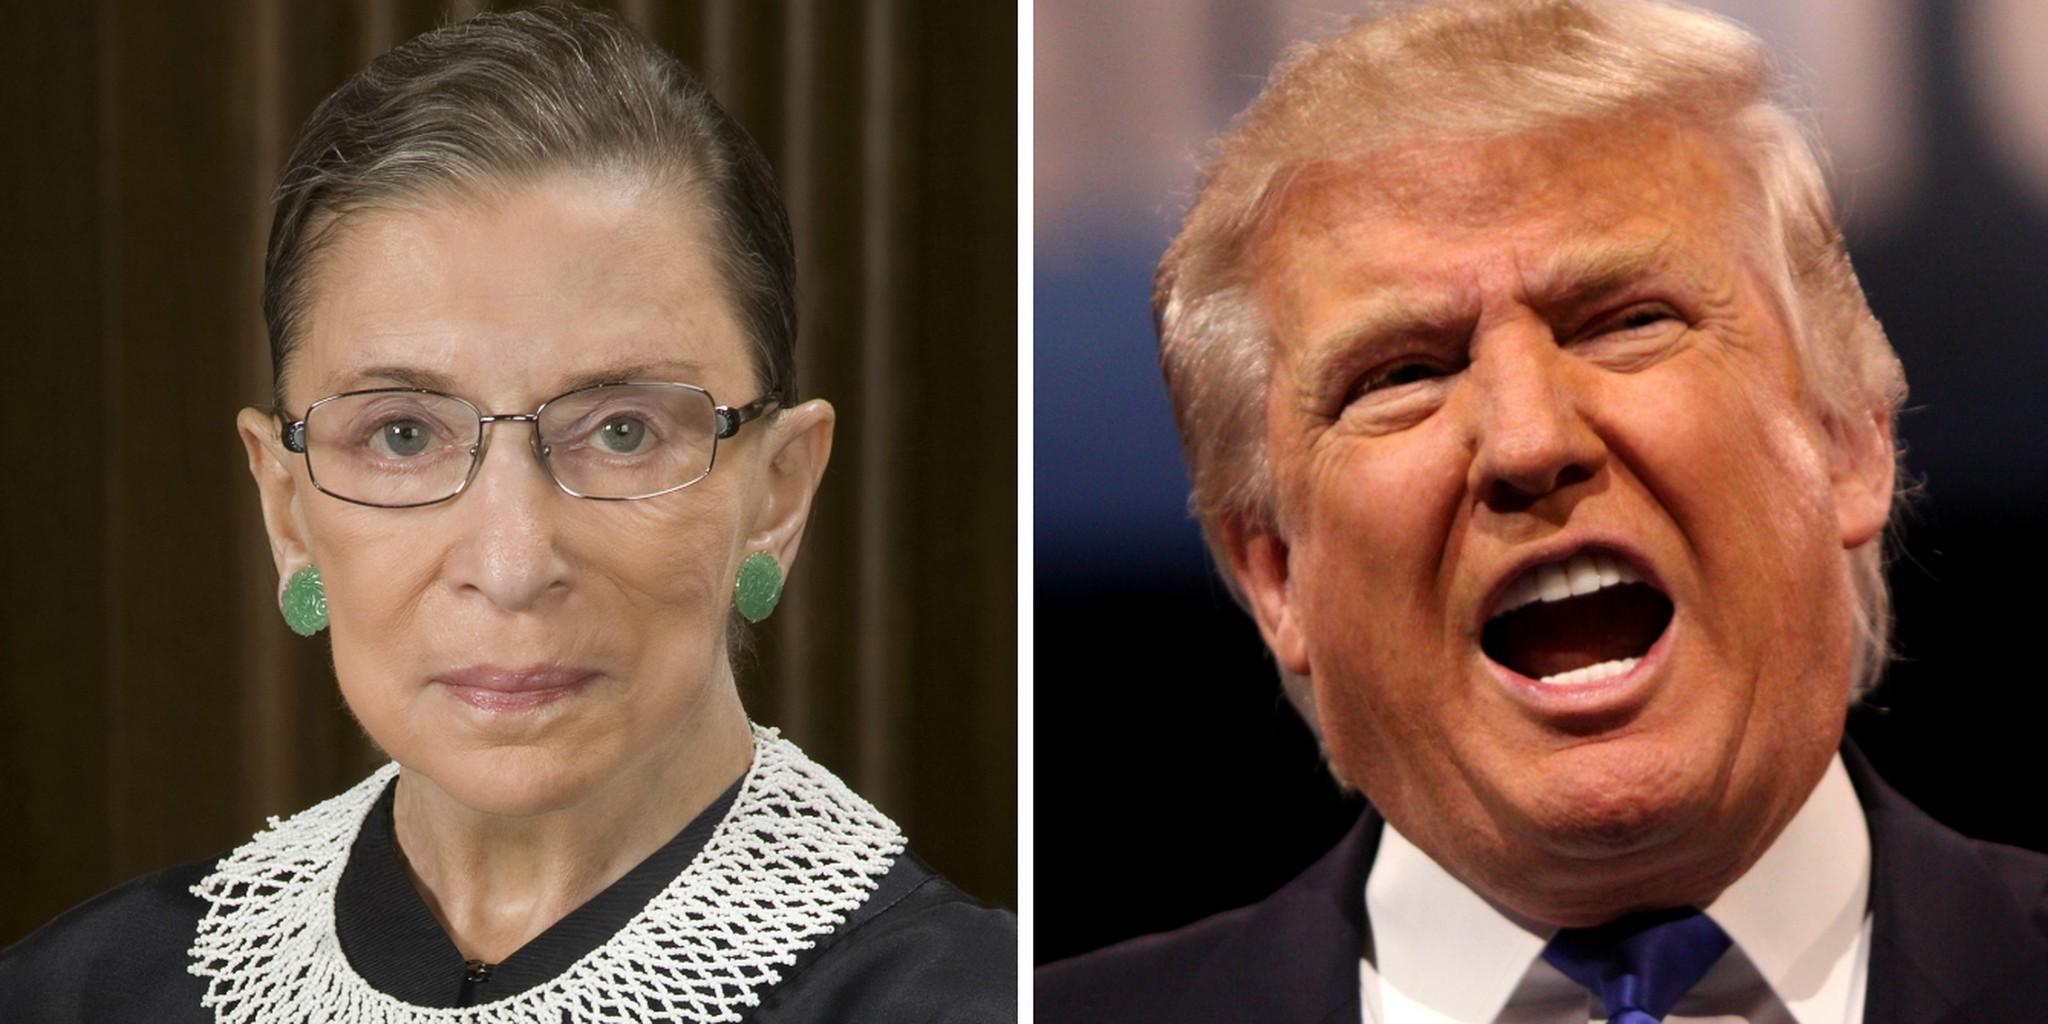 Ruth Bader Ginsburg and Donald Trump